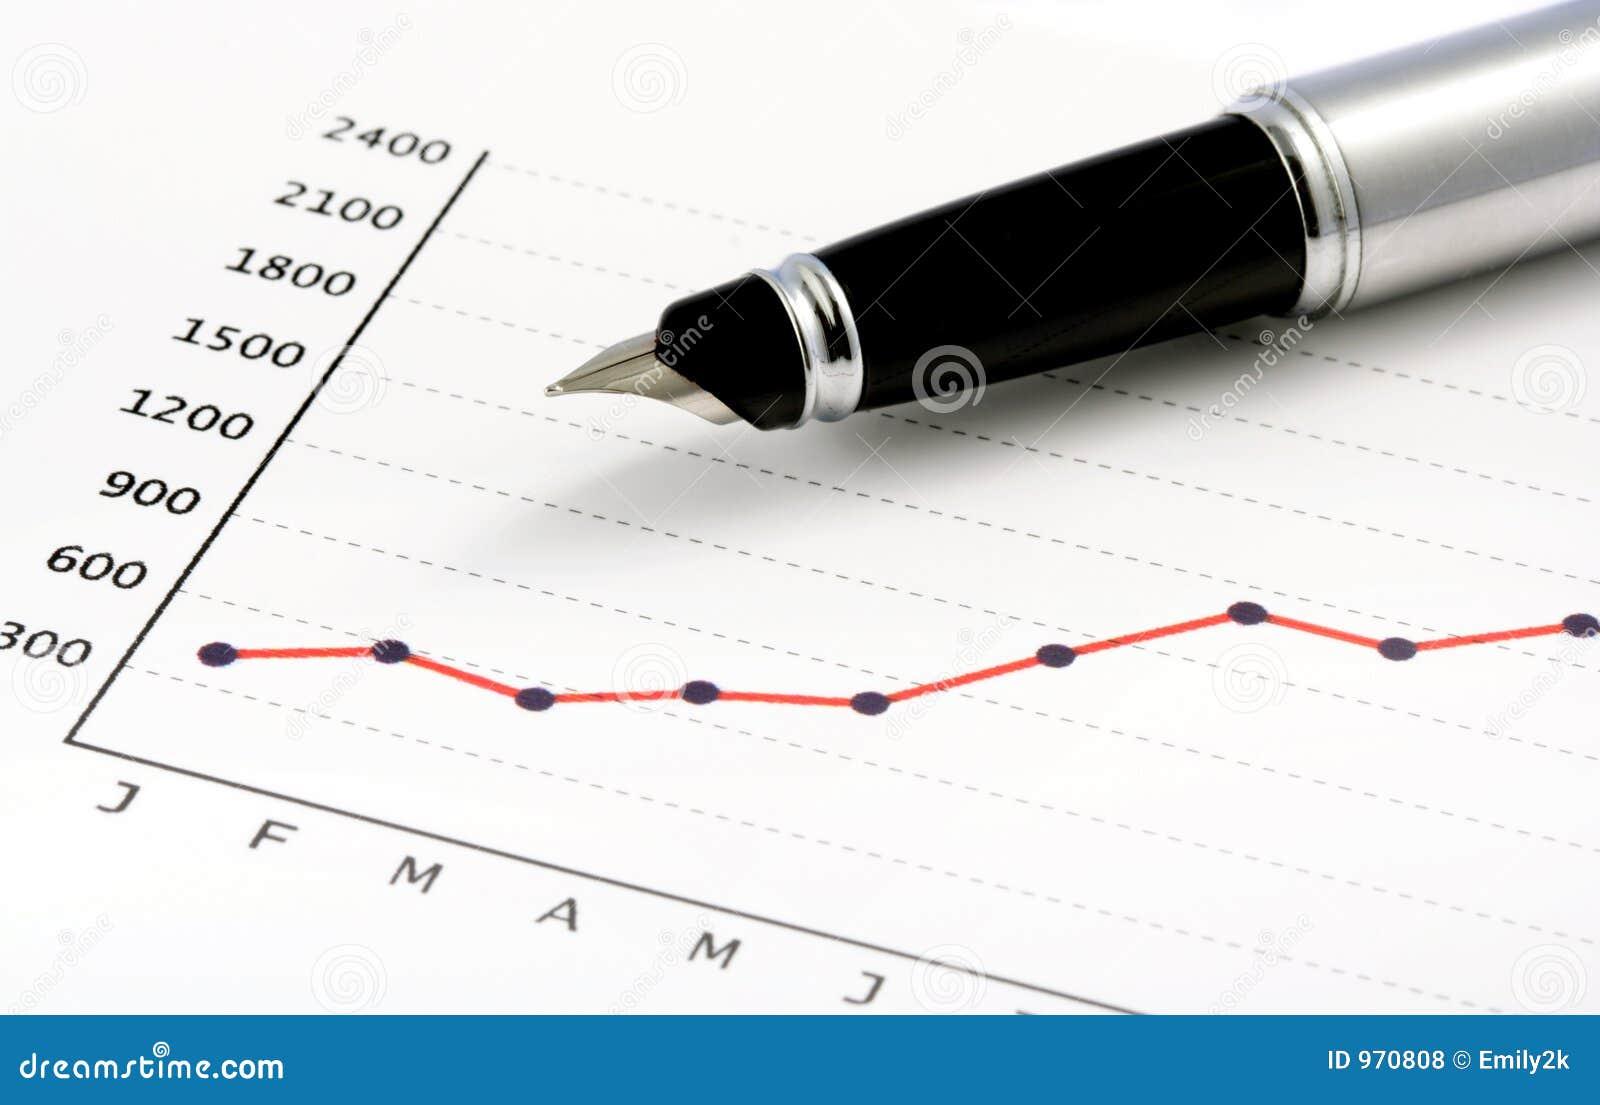 Pena no gráfico positivo do salário